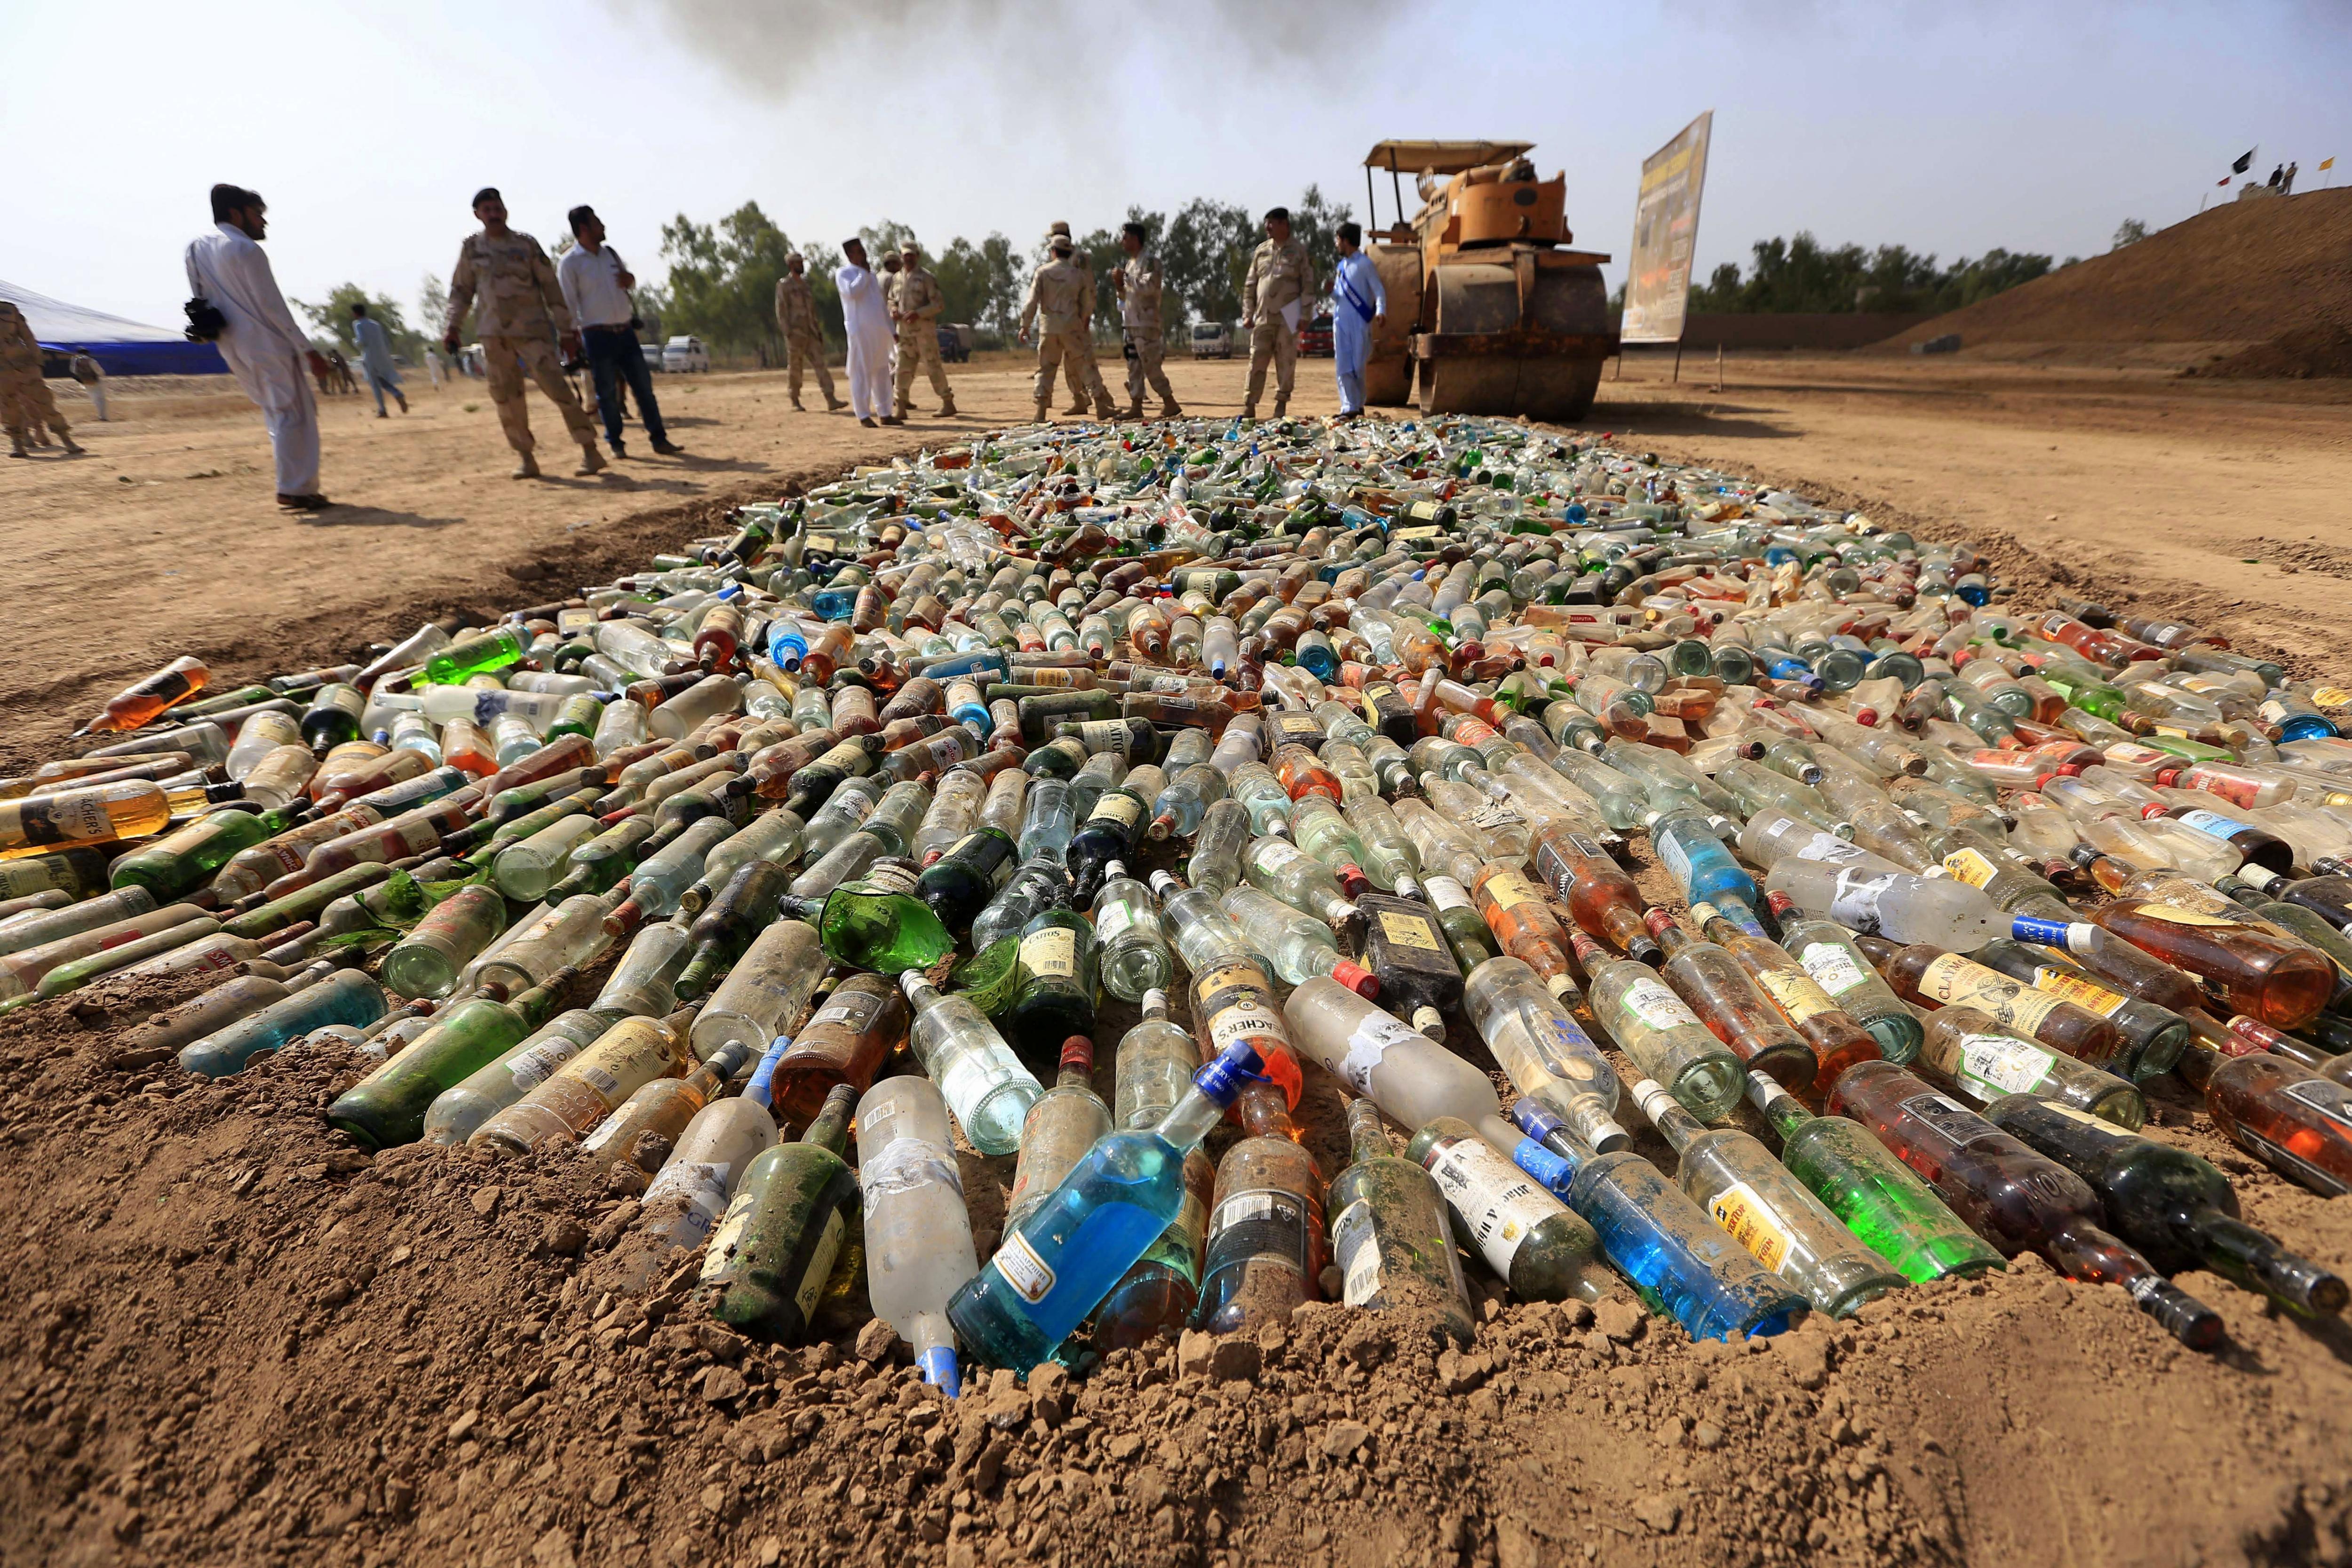 Oficials de les Forces Anti-Narcòtics (ANF) munten guàrdia durant una crema d'alcohol de contraban a Peshawar, al Pakistan. Les autoritats pakistaneses van cremar tones d'haixix, heroïna, cigarrets i licors de contraban que havien estat confiscats./ARSHAD ARBAB